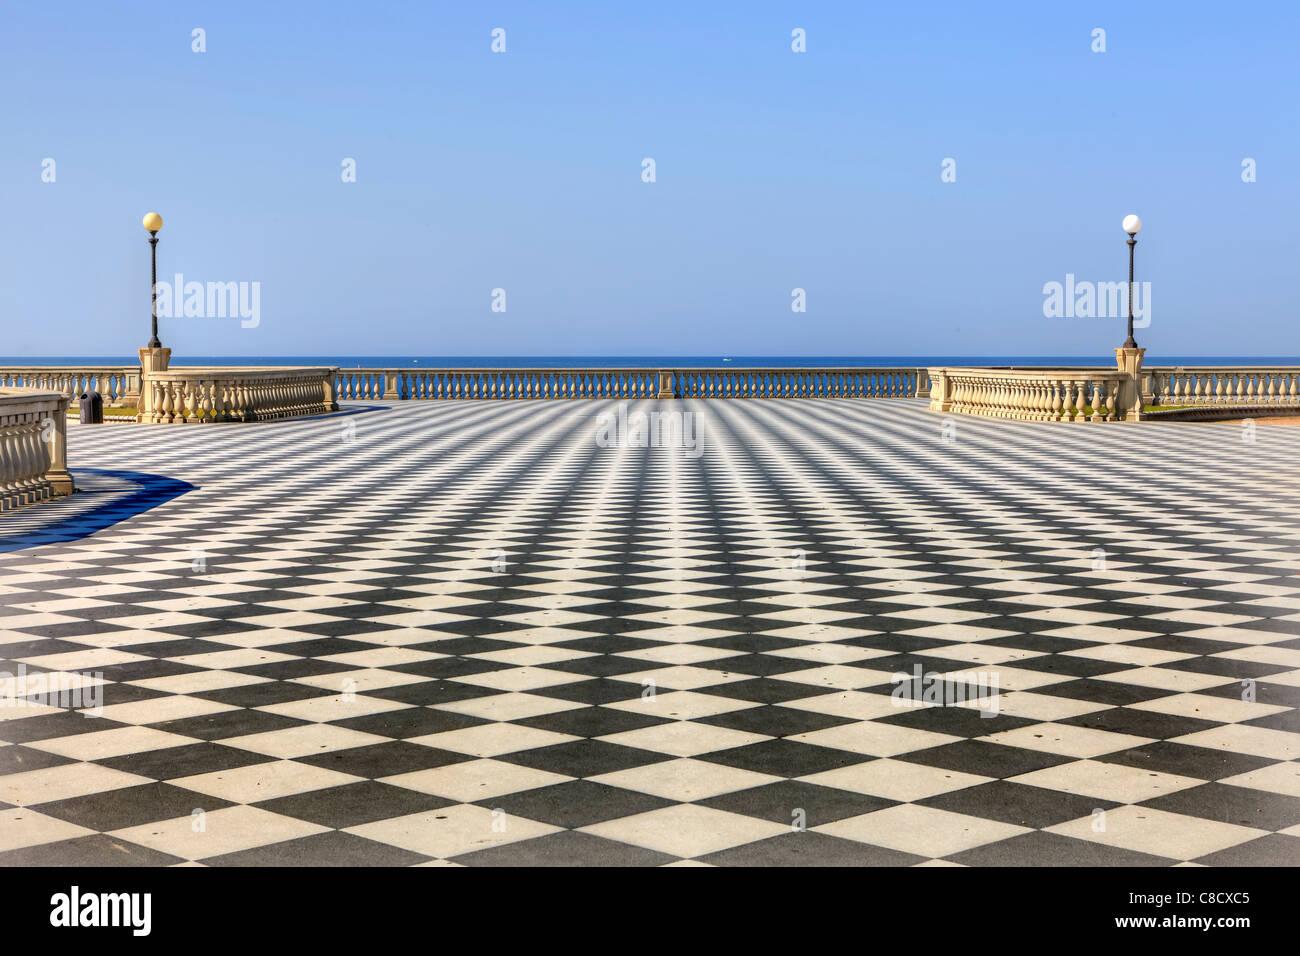 Livorno - Terrazza Mascagni Stock Photo: 39622133 - Alamy